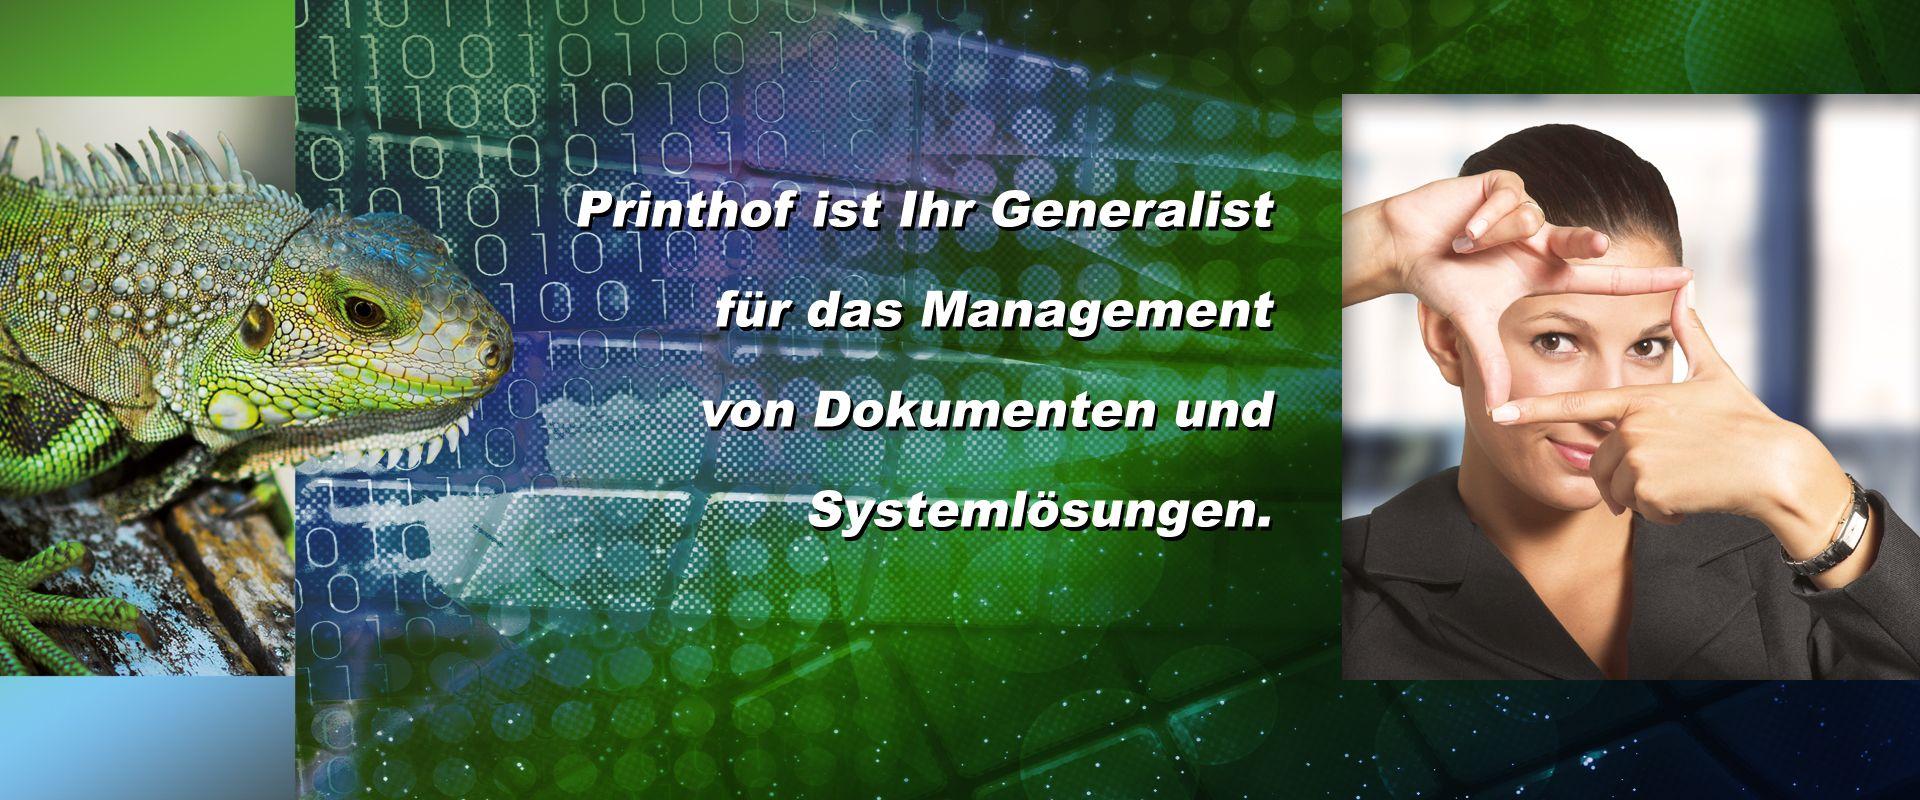 Printhof ist Ihr Generalist für das Management von Dokumenten und Systemlösungen.